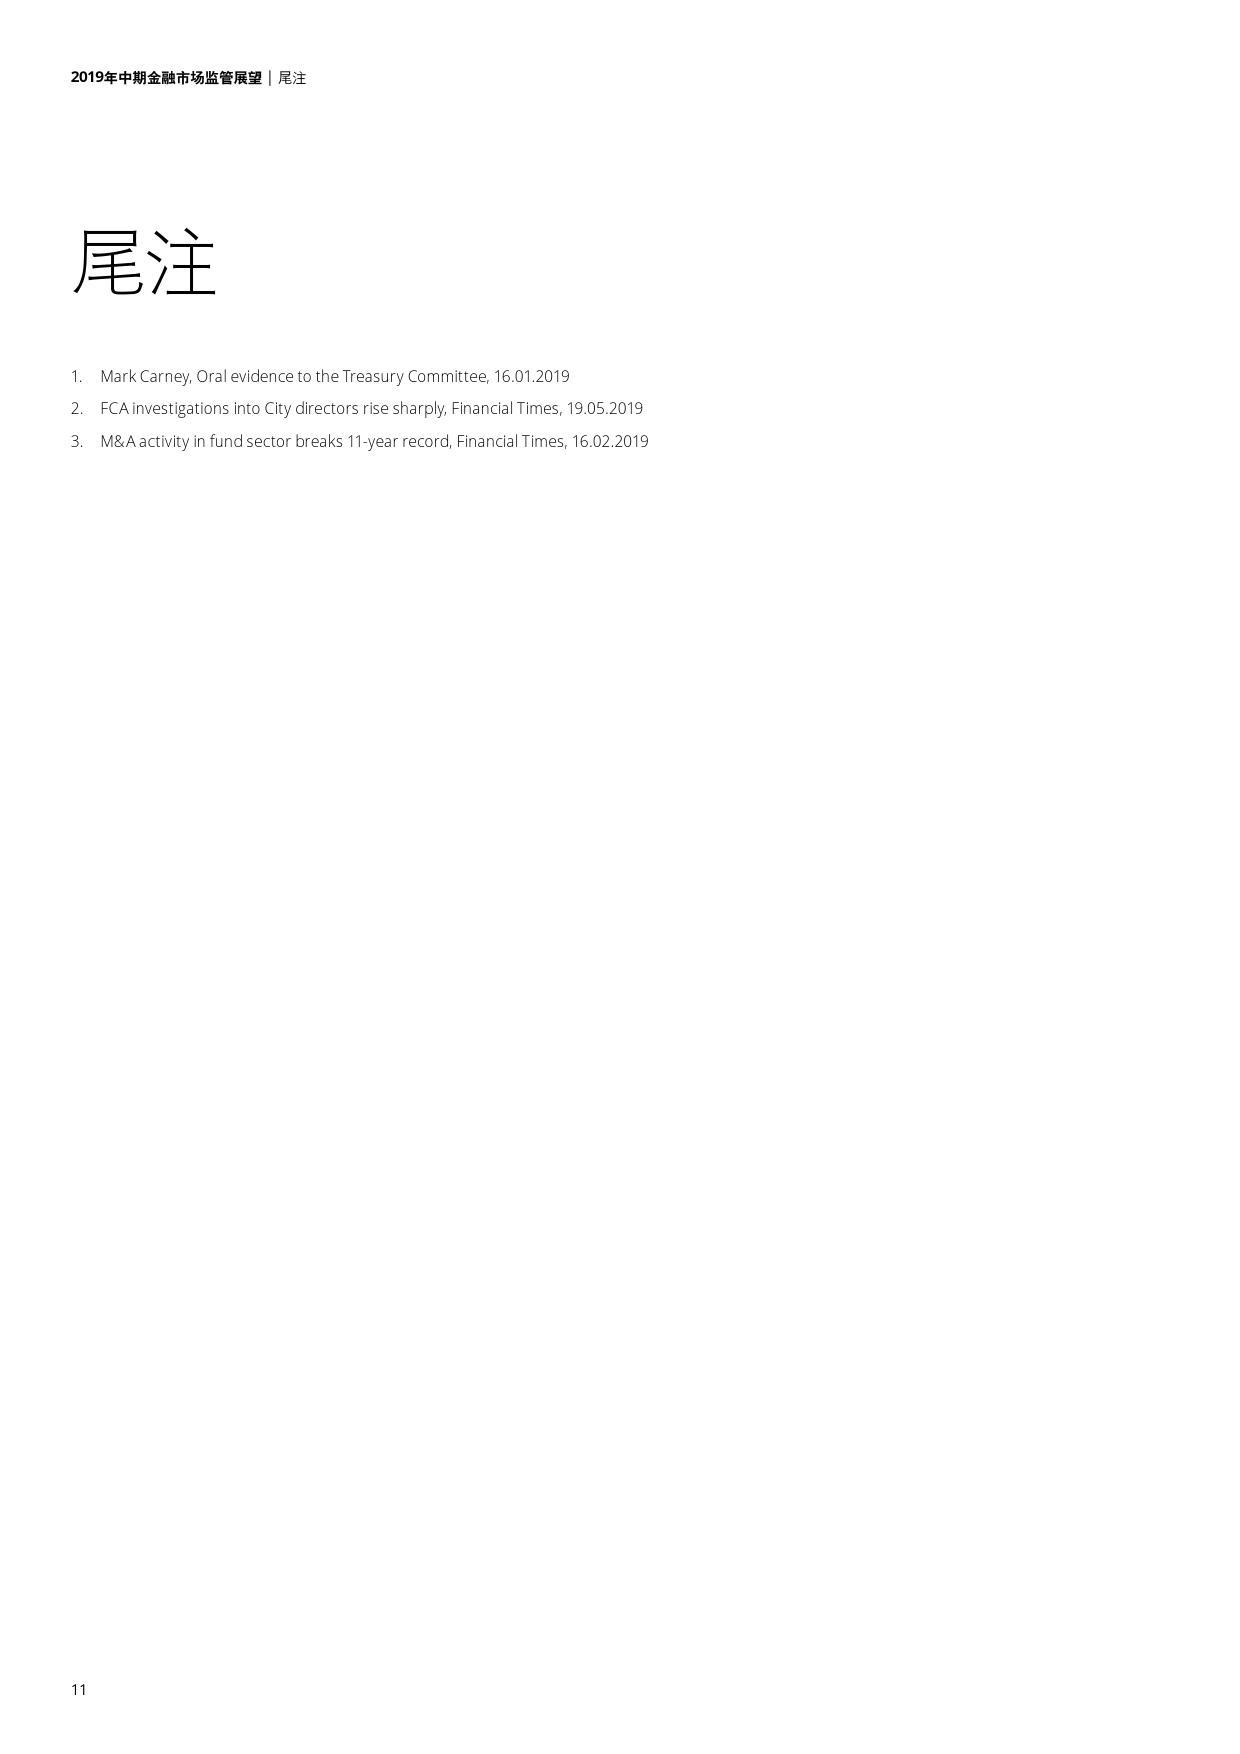 德勤咨询:2019年中期金融市场监管展望(199it)